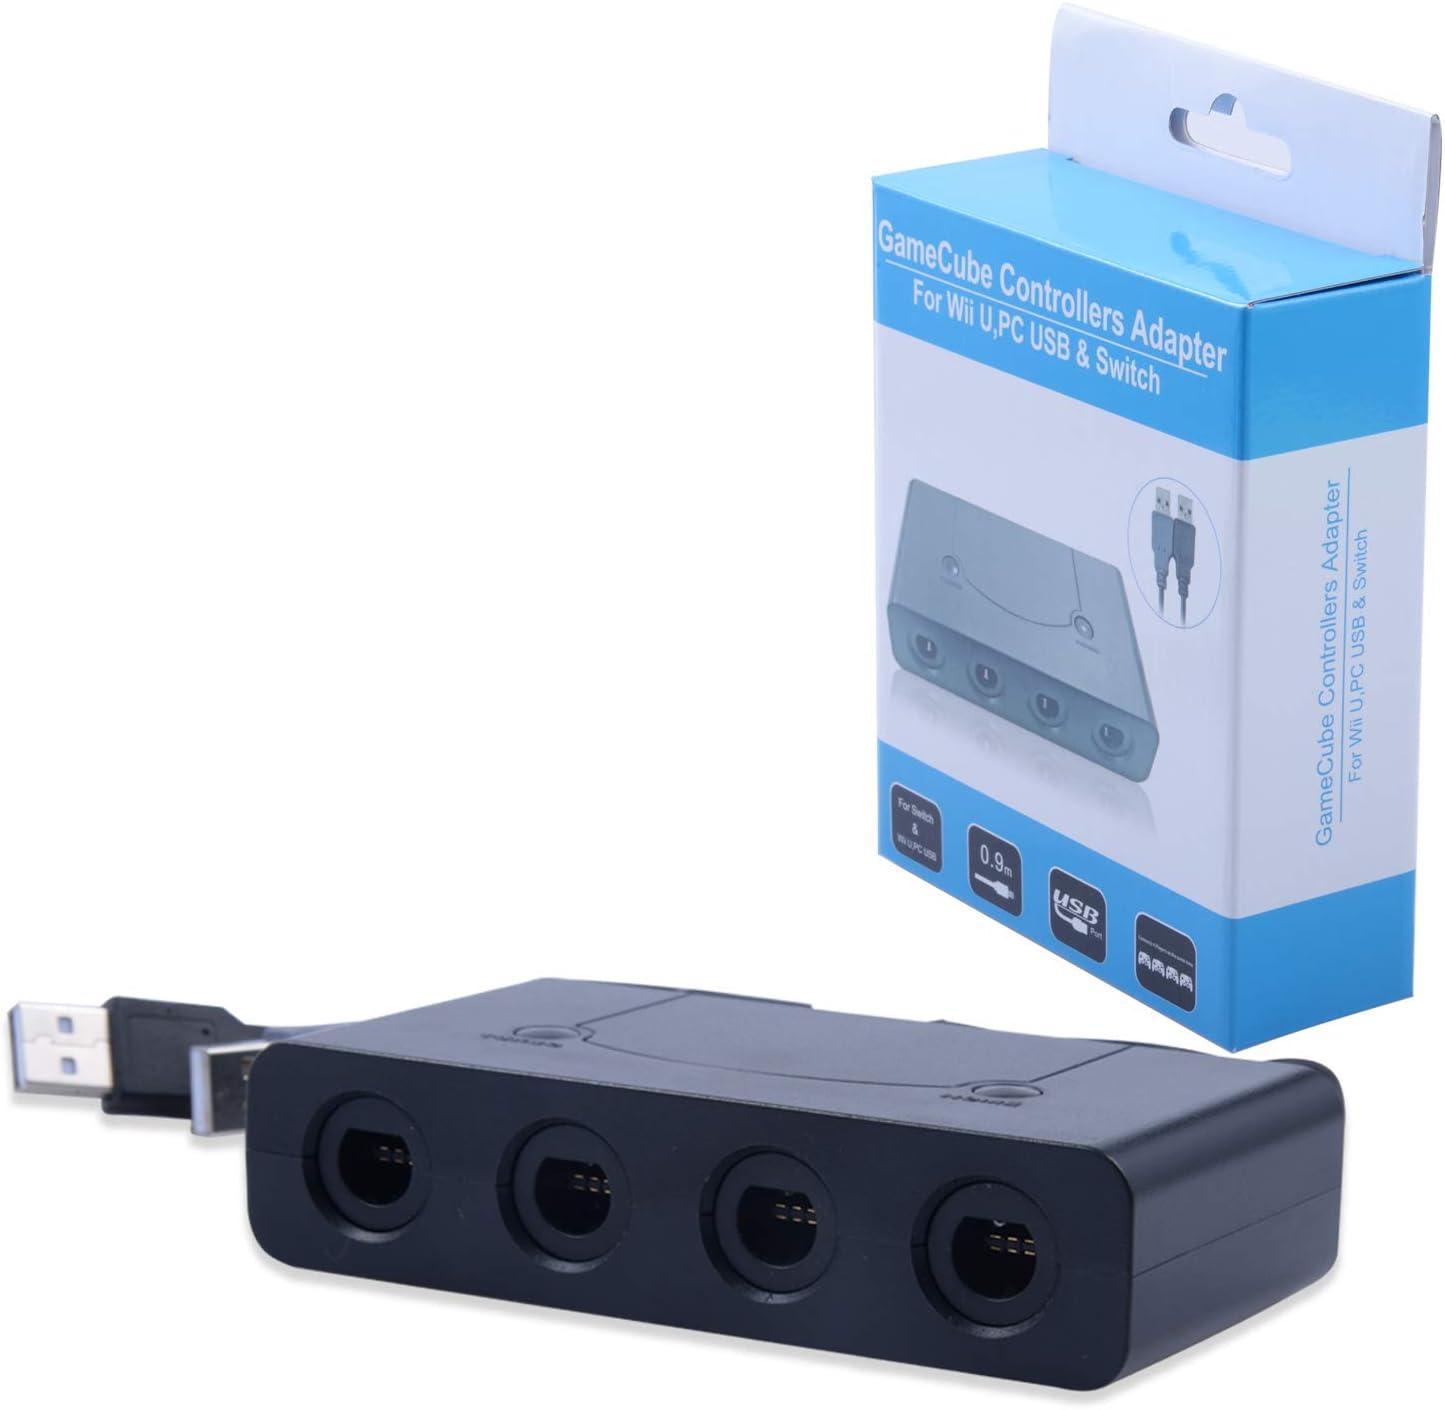 Gamecube - Adaptador de Mando para Super Smash Bros Nintendo Switch, Wii U y PC USB con 4 Puertos: Amazon.es: Electrónica